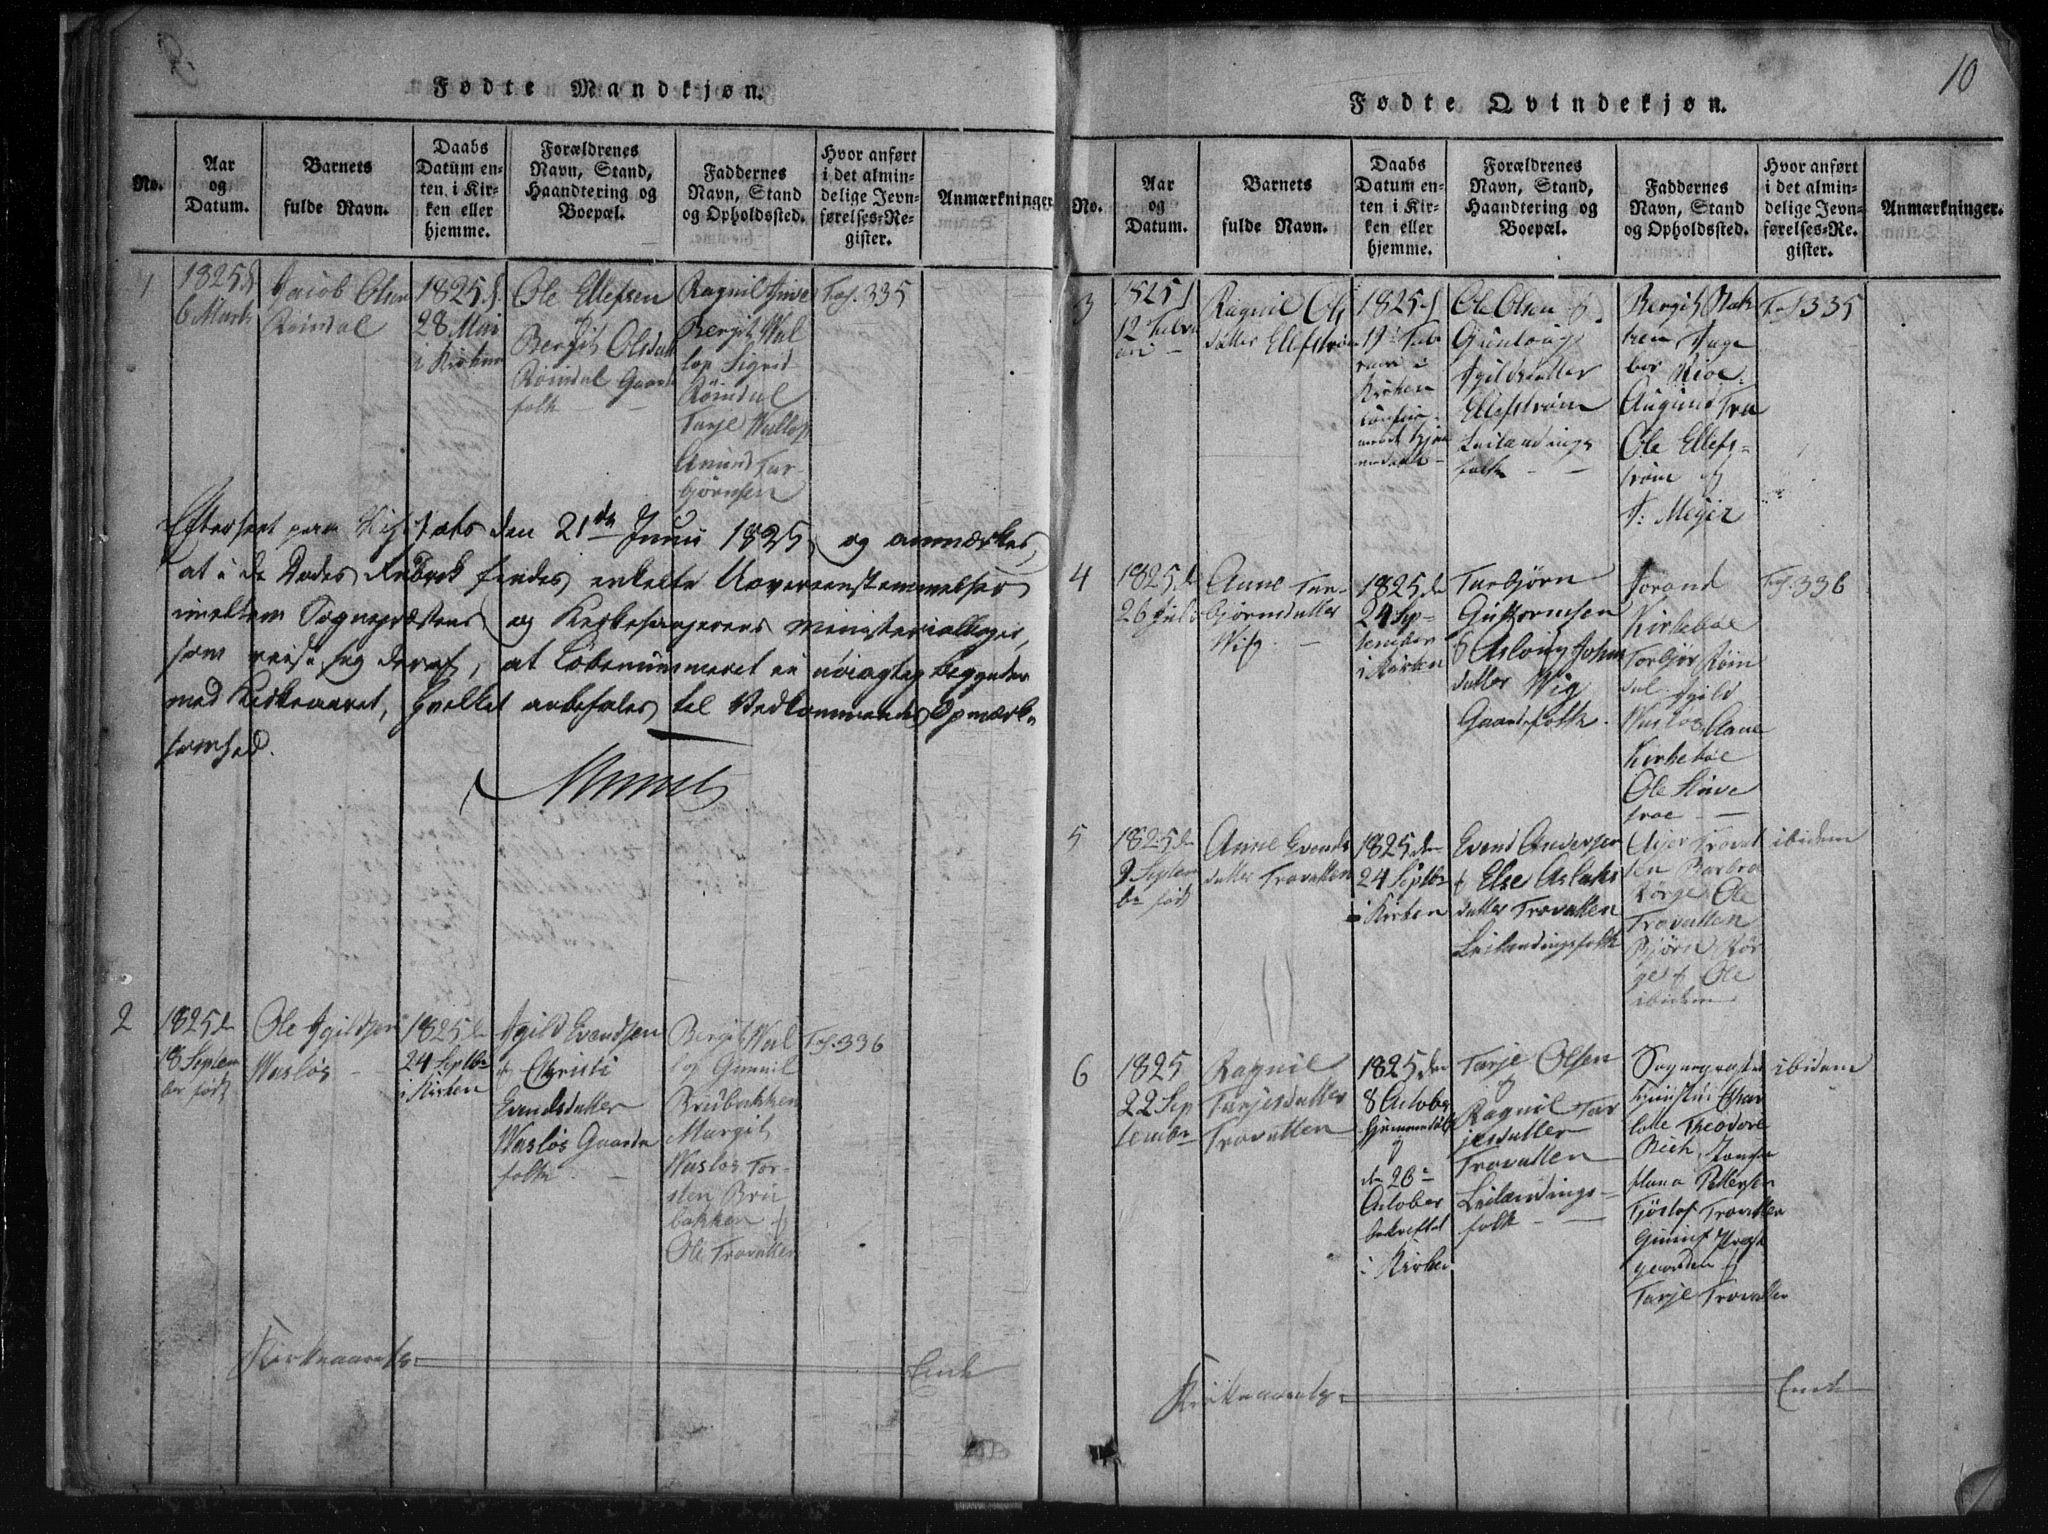 SAKO, Rauland kirkebøker, G/Gb/L0001: Klokkerbok nr. II 1, 1815-1886, s. 10